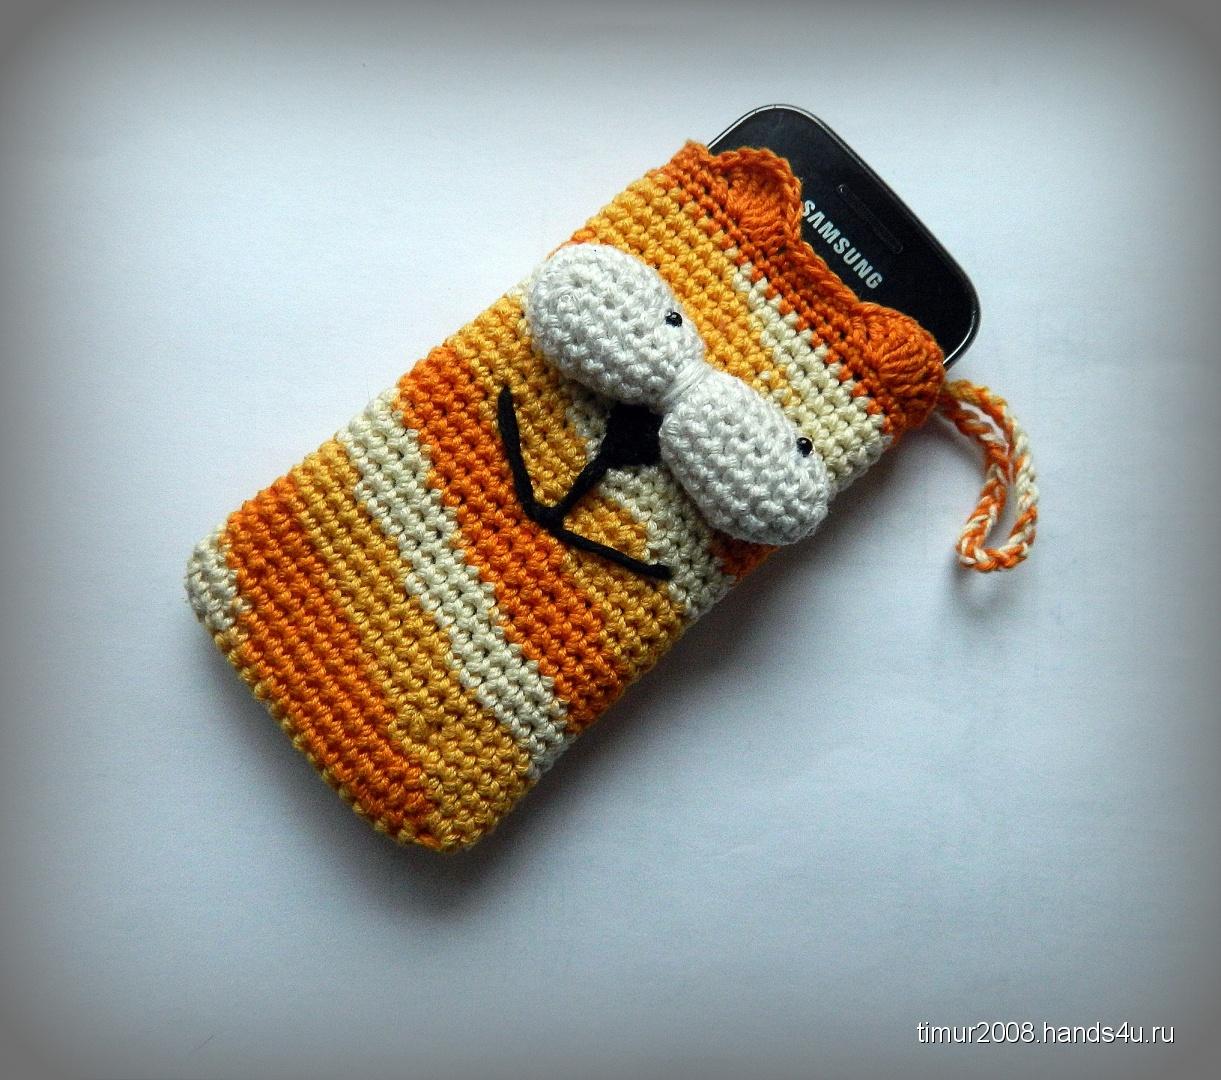 Вязаные чехол для телефона крючком фото